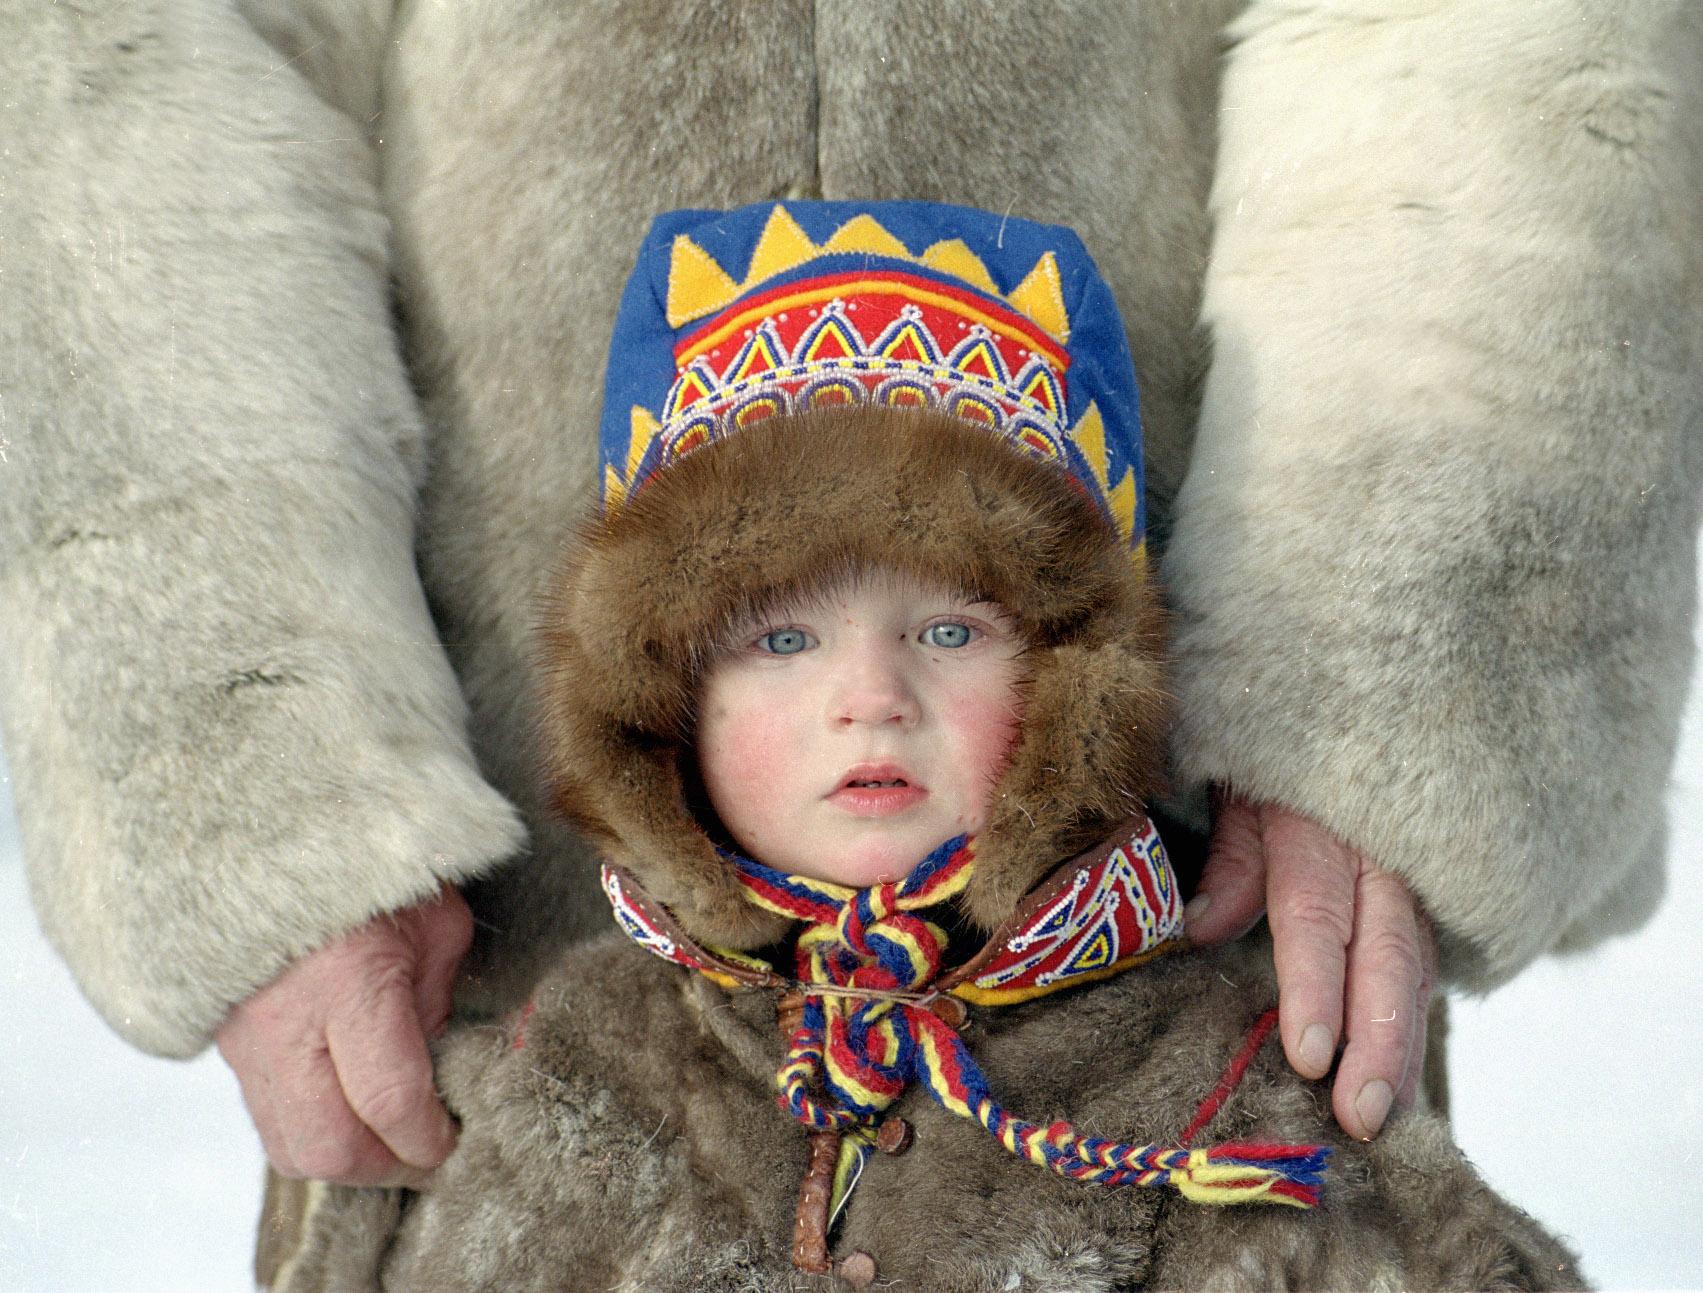 A Sami child in the Russian Far North.